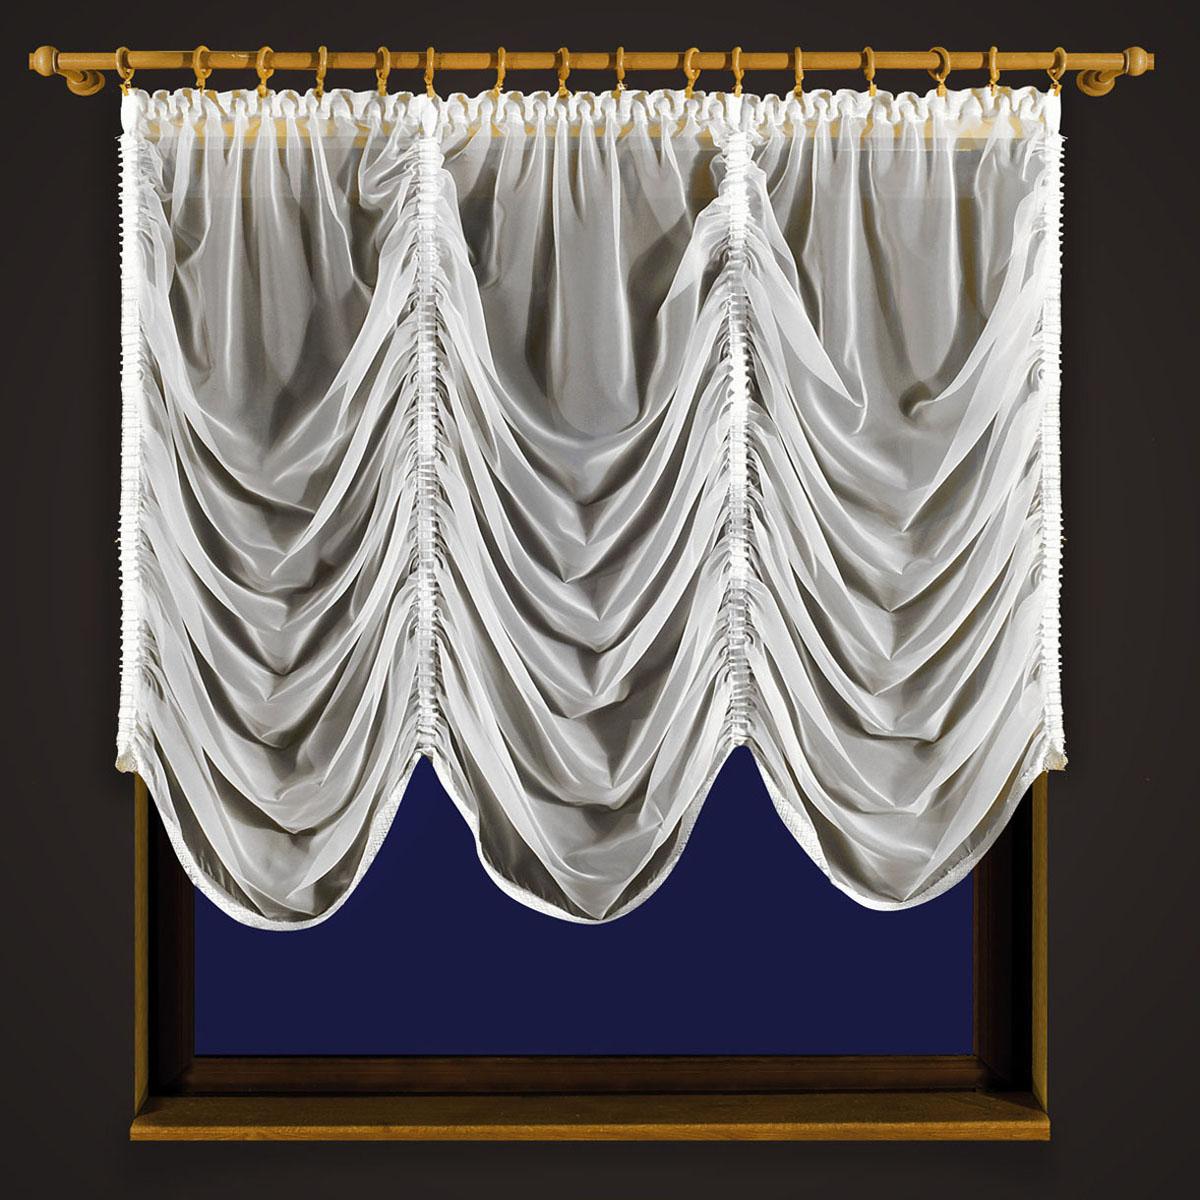 Гардина Zlata Korunka, цвет: белый, высота 250 см. 556081004900000360Гардина Zlata Korunka, изготовленная из высококачественного полиэстера, станет великолепным украшением любого окна. Изделие из вуали выполнено по типу французской шторы. Вдоль полотна прошиты четыре туннеля, по которым гардина собирается гардина до нужных размеров. Оригинальная гардина внесет разнообразие и подарит заряд положительного настроения.Размер несобранного полотна: 250 х 250 см.